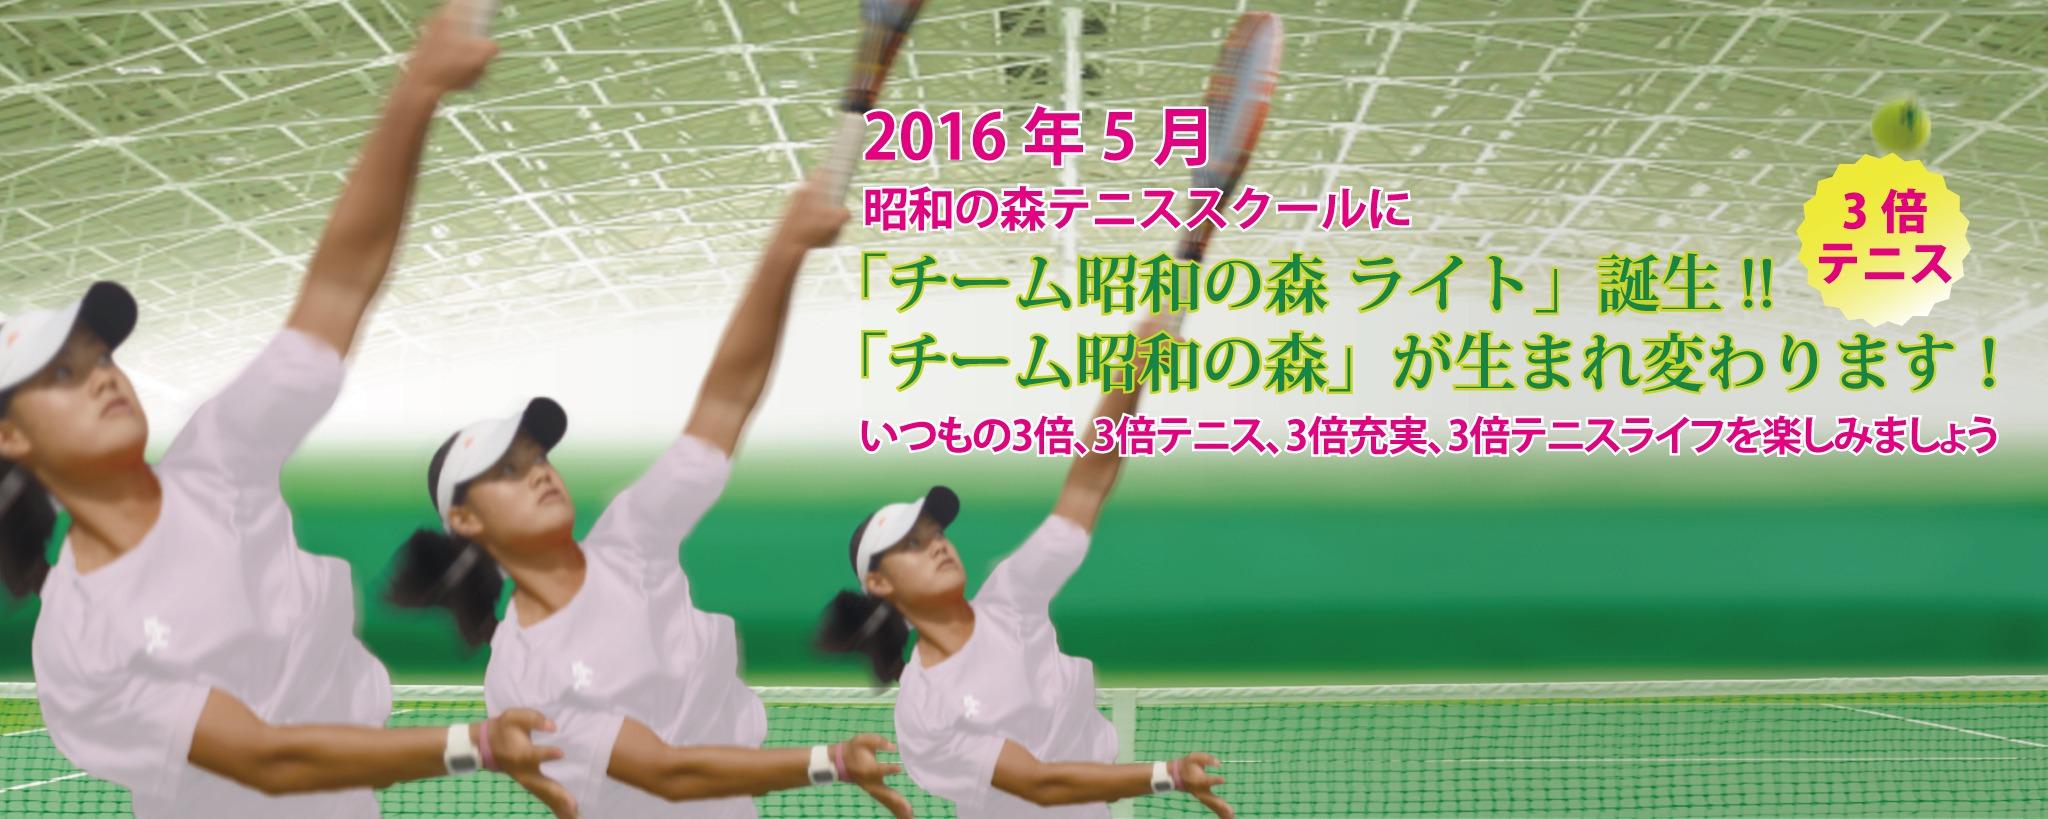 テニススクール「チーム昭和の森」